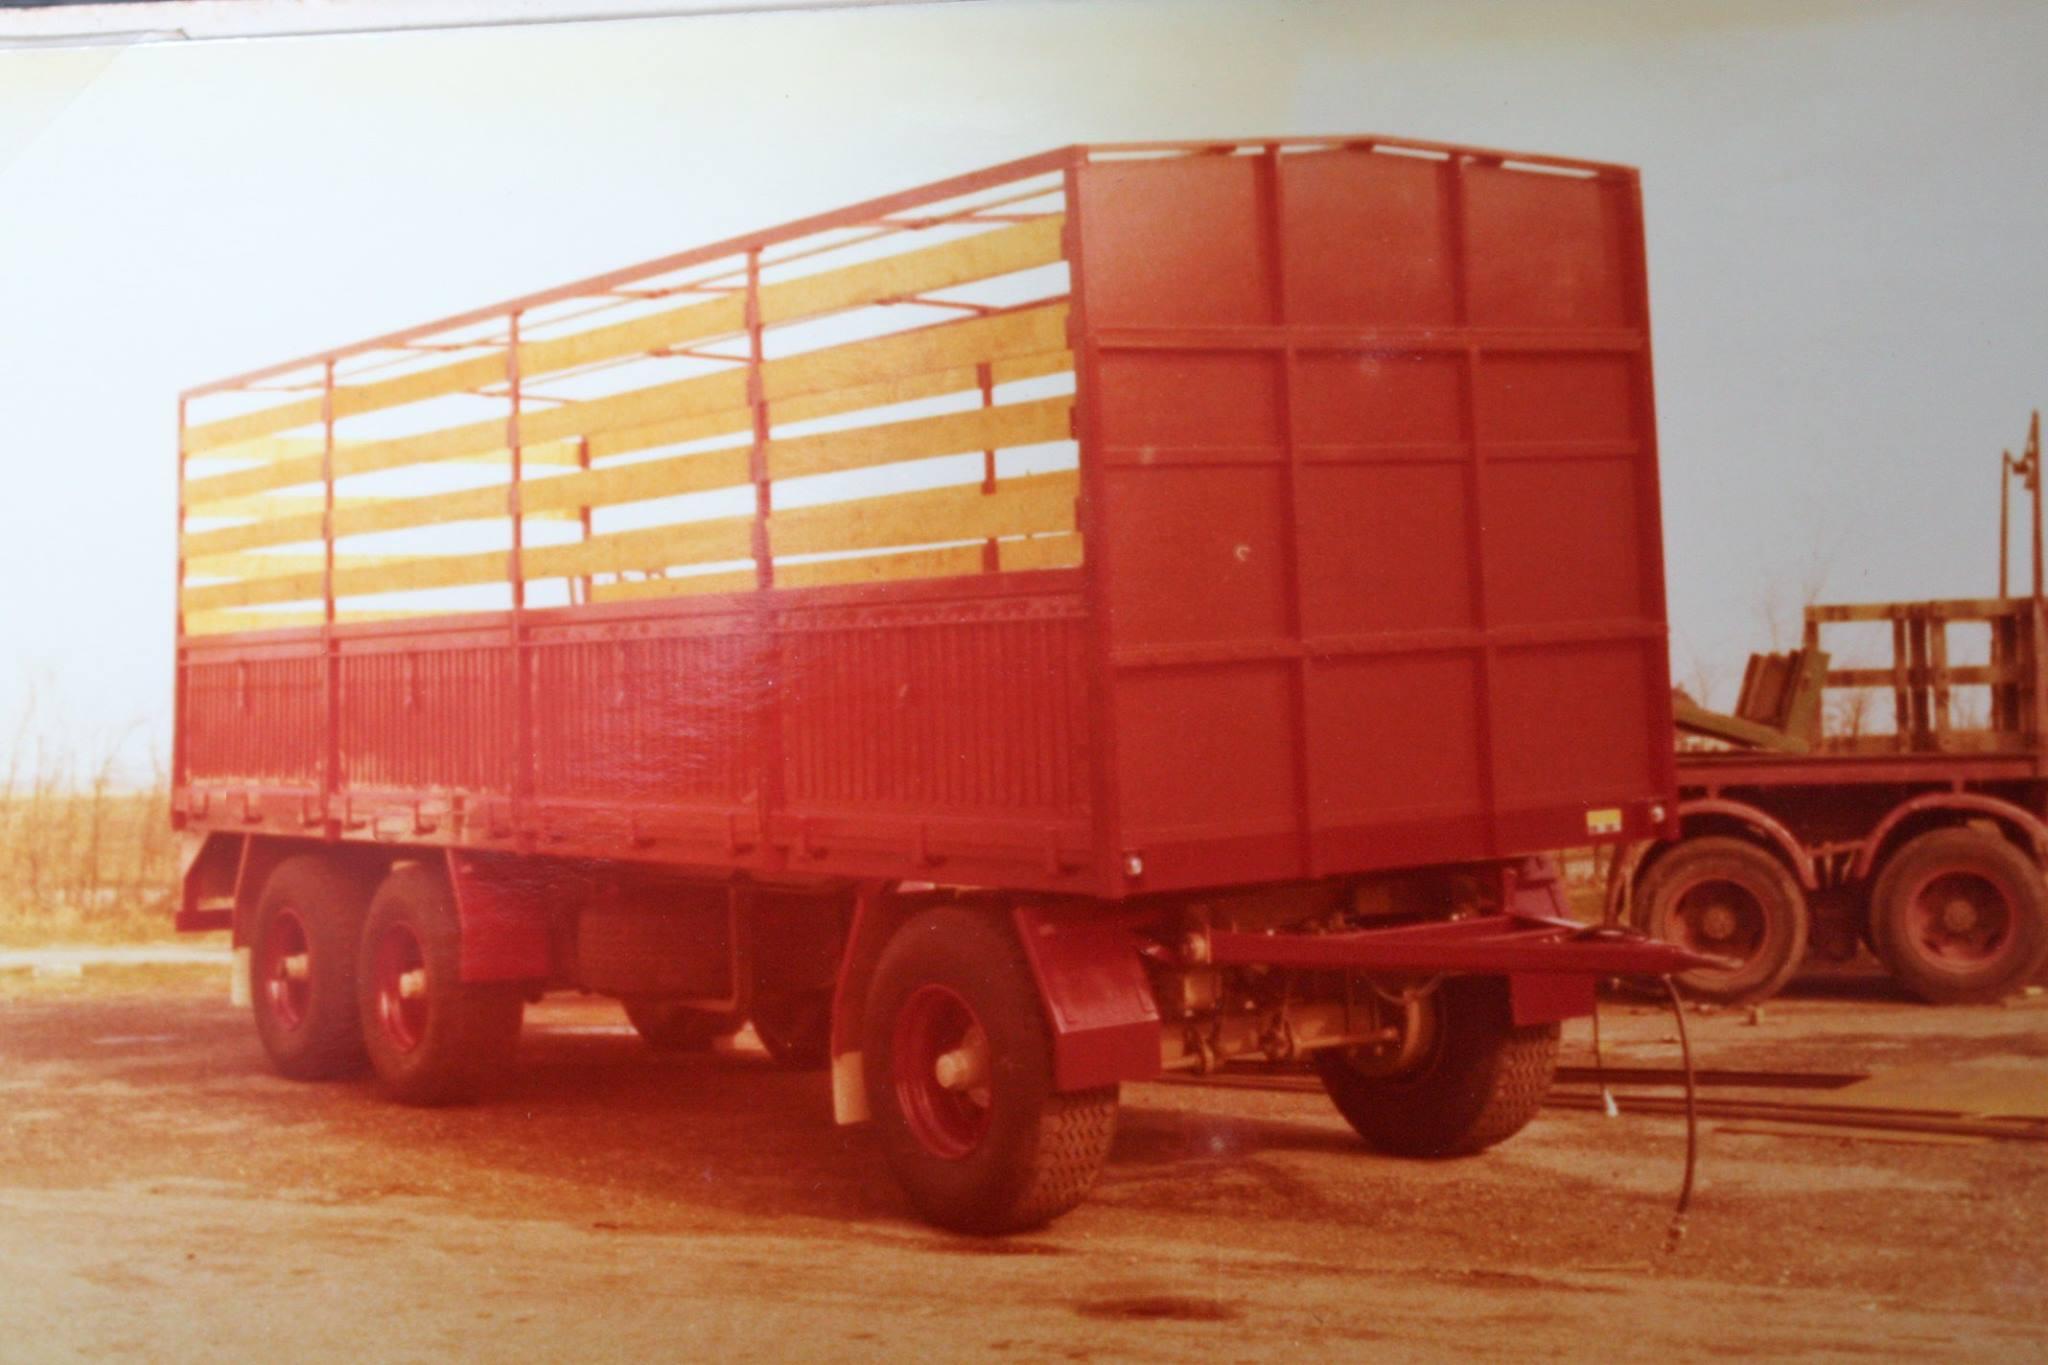 RAF-tandemas-aanhangwagen-met-super-single-banden-met-huif-is-ook-door-Rondaan-in-Beetgum-gebouwd-voor---KLMV--2